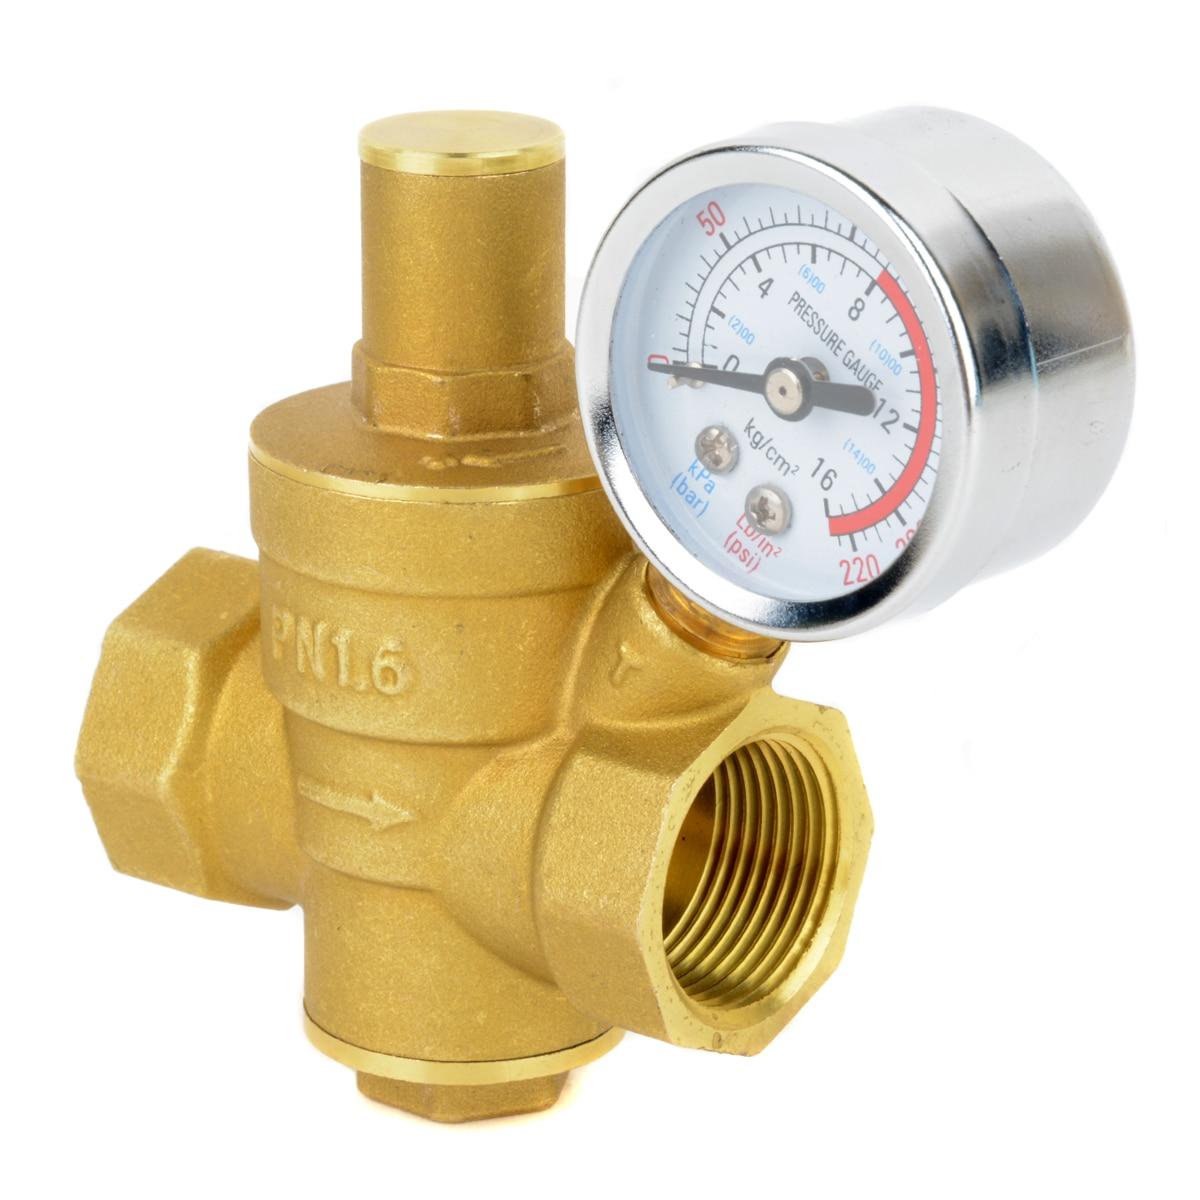 Reliable Brass Water Pressure Regulator with Gauge Flow DN20 3/4